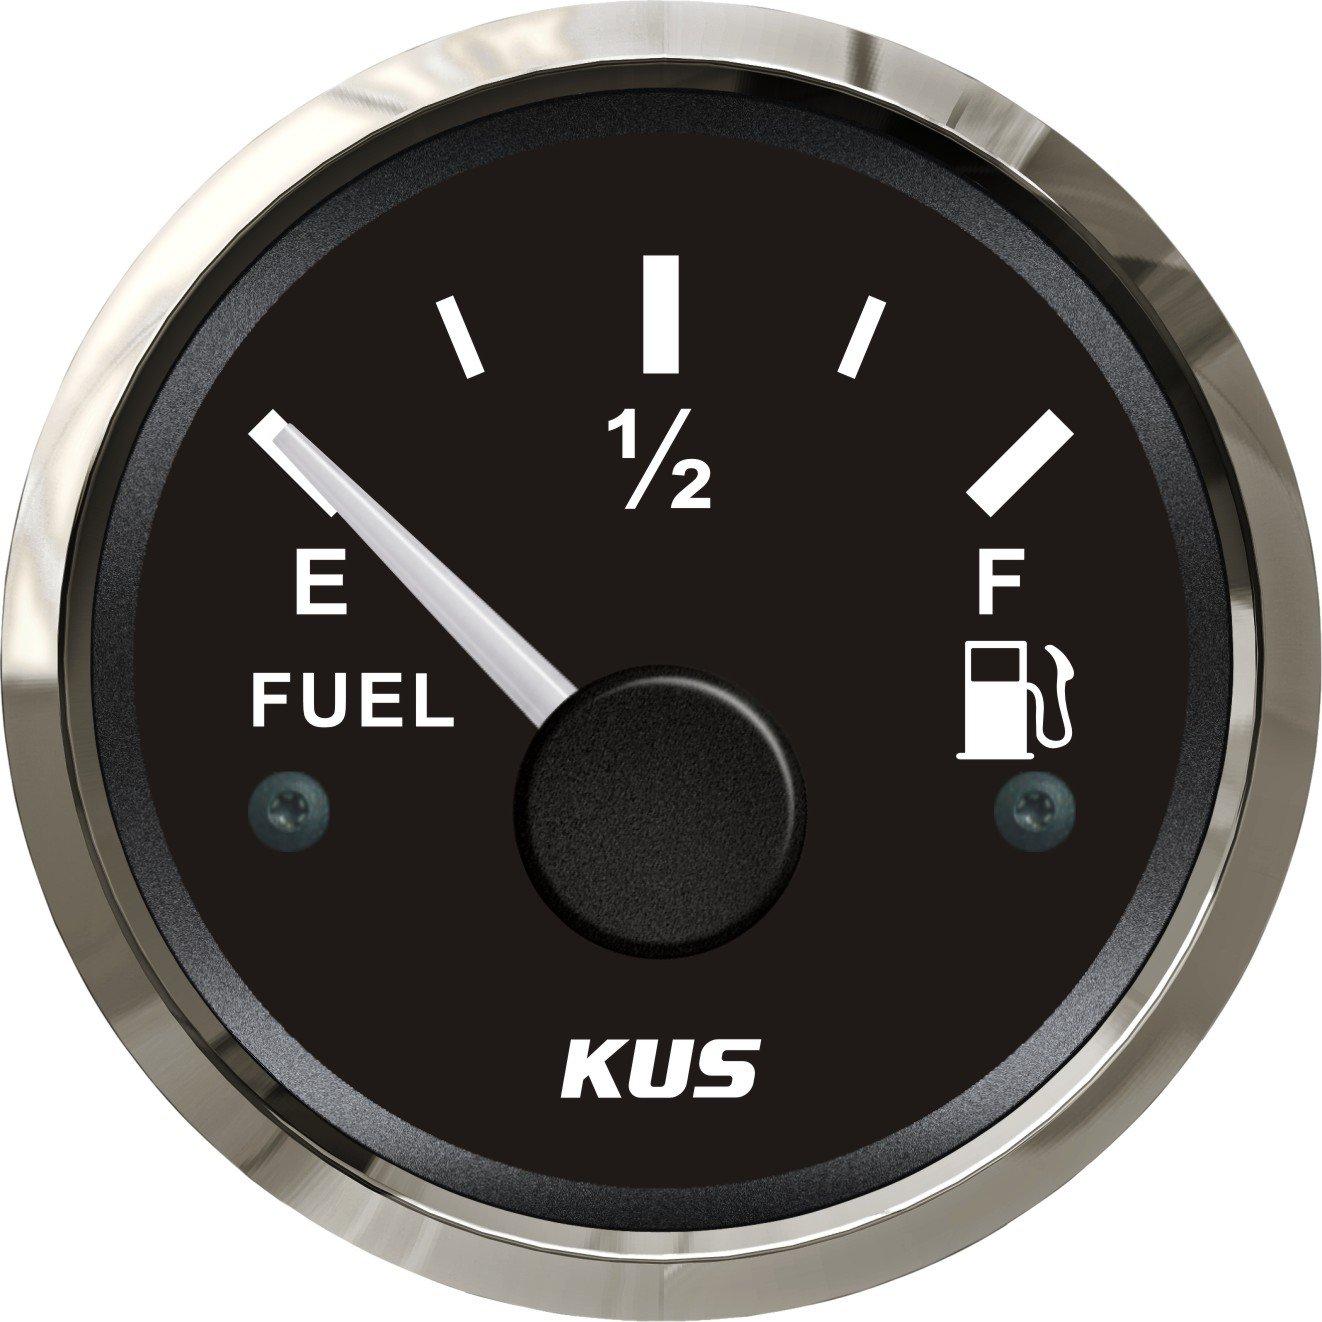 KUS Warranted Oil Fuel Level Gauge Meter Indicator 0-190ohm with Backlight 12V/24V 52MM(2'') by KUS